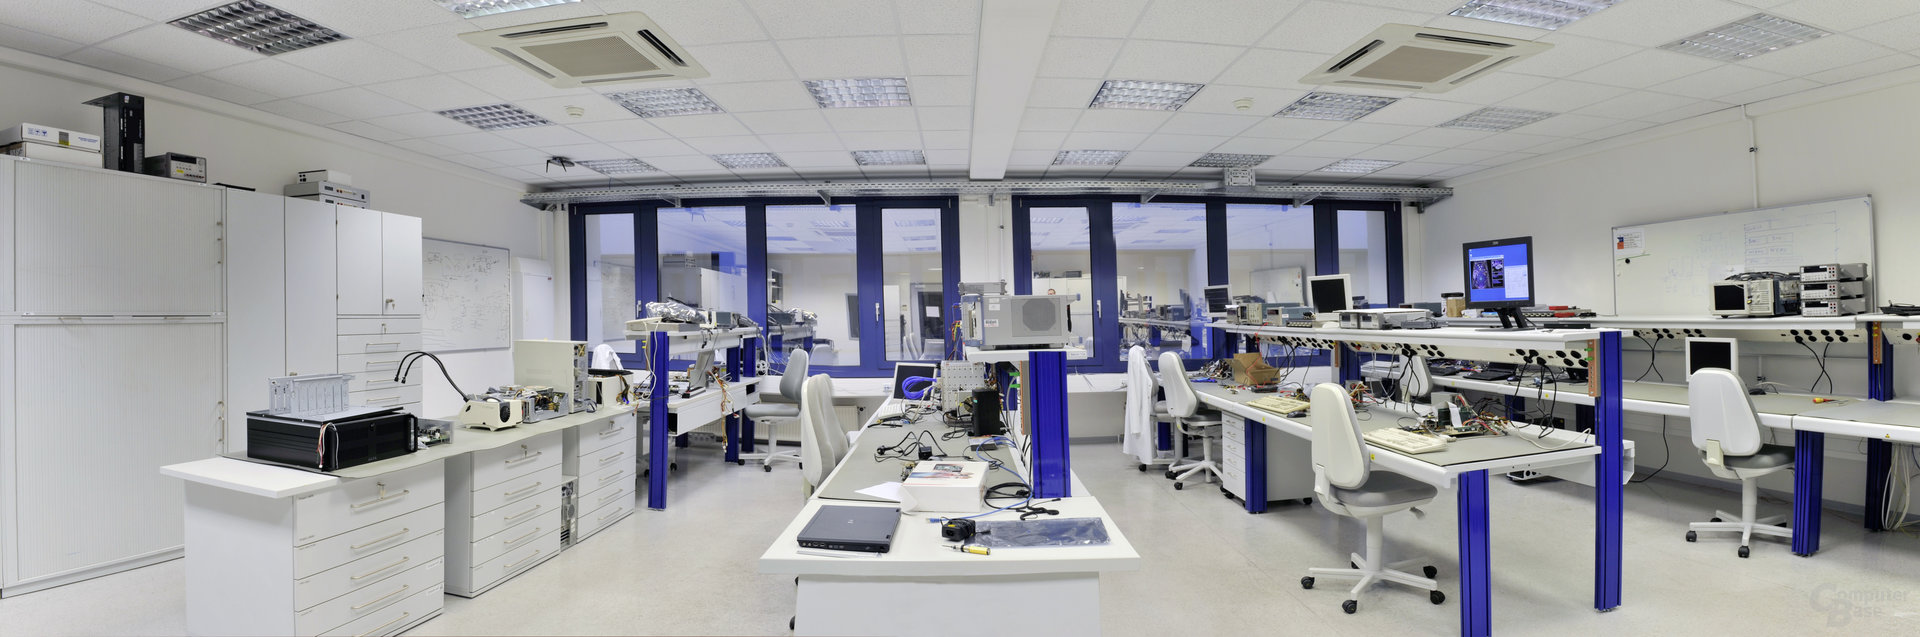 Intel Braunschweig - Labore